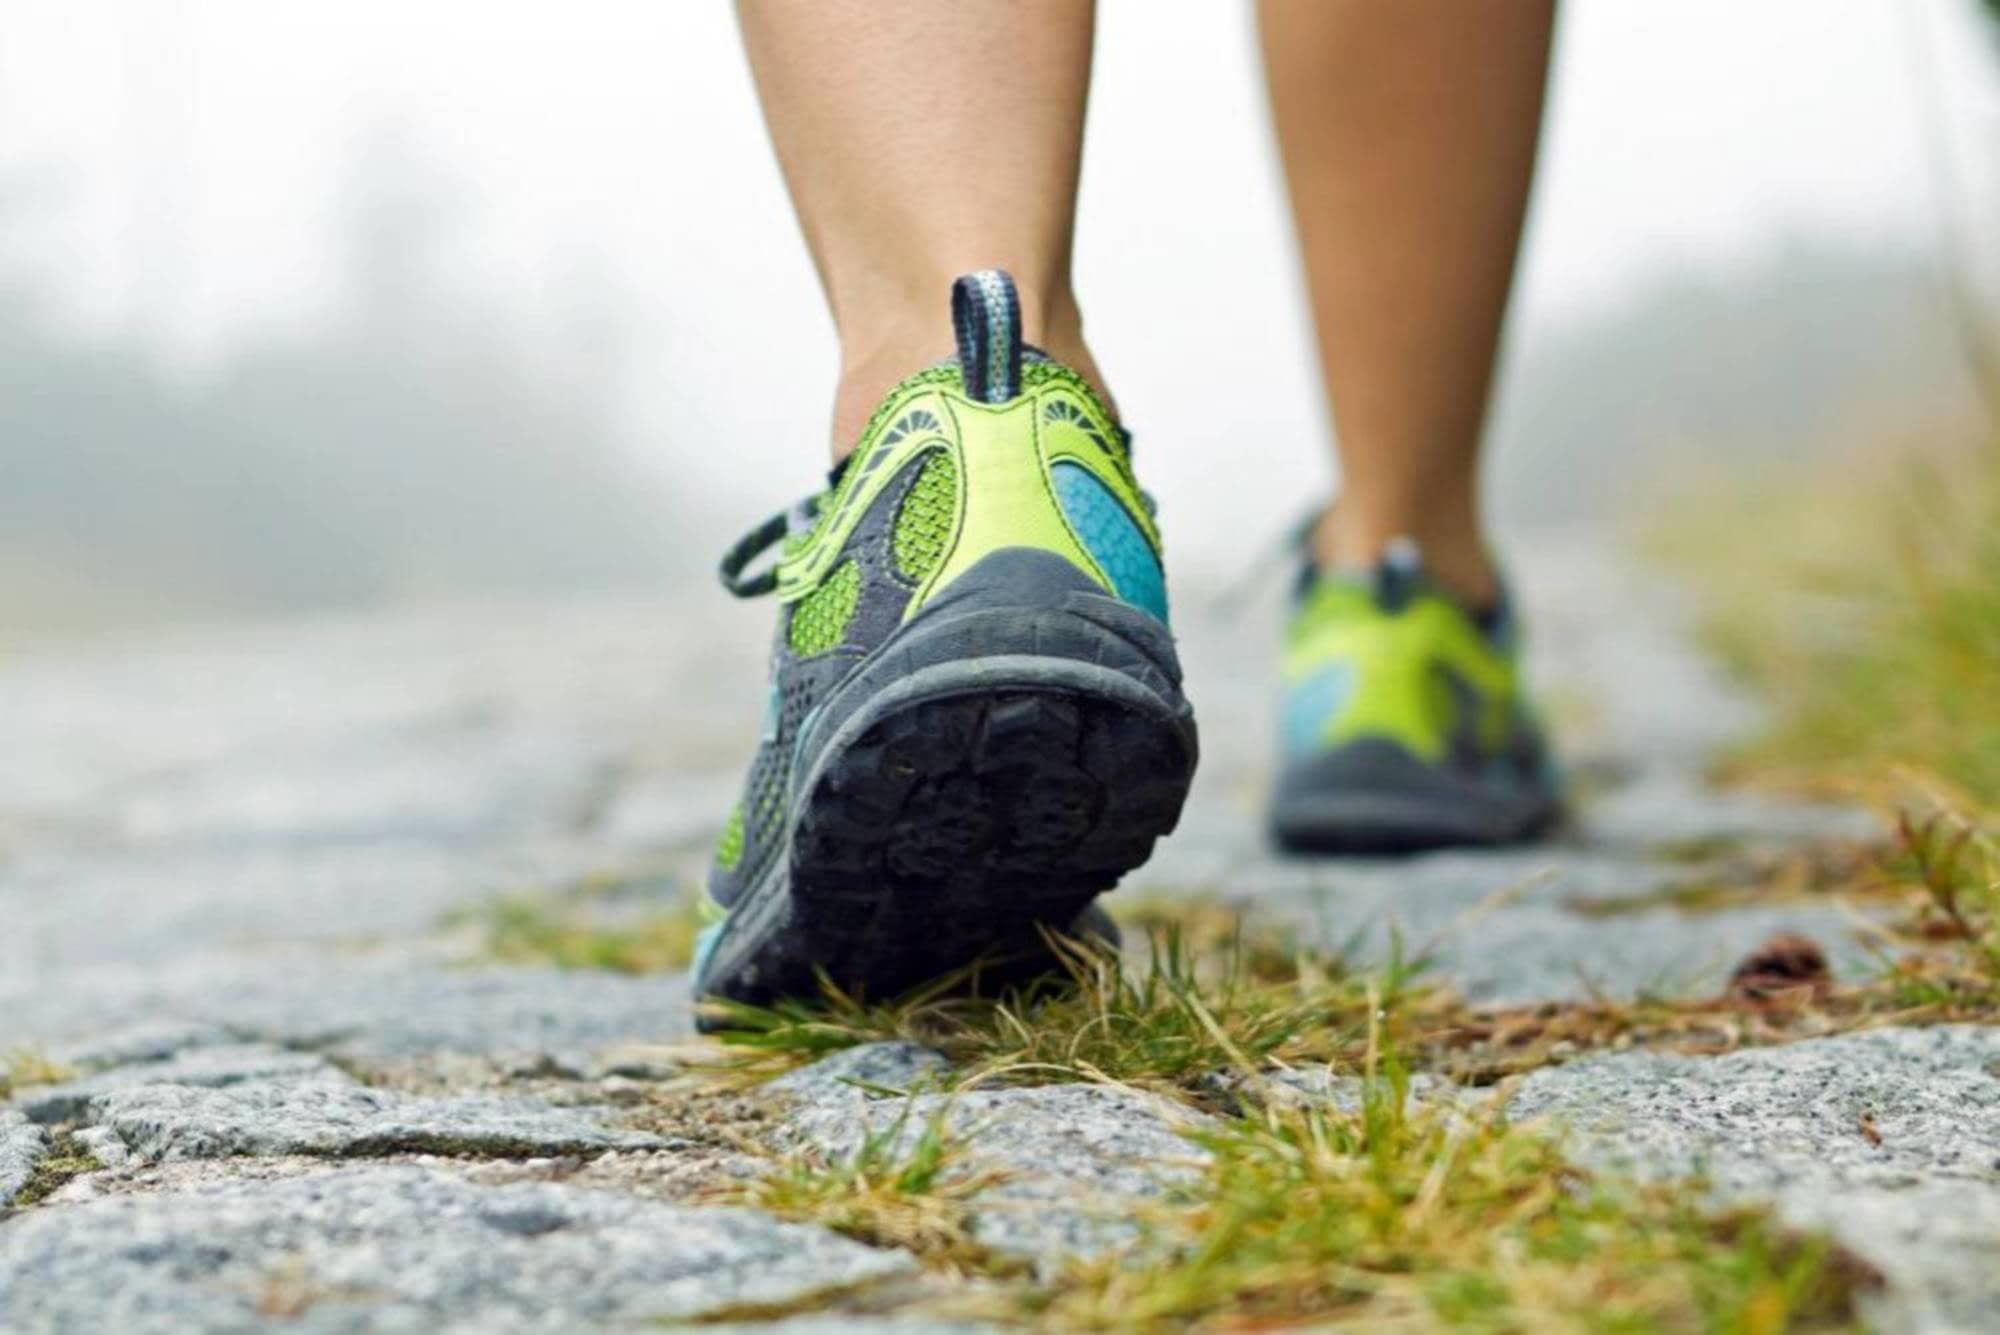 Nordc walking (Marcha nórdica): Actividades de Aventuras Pirenaicas